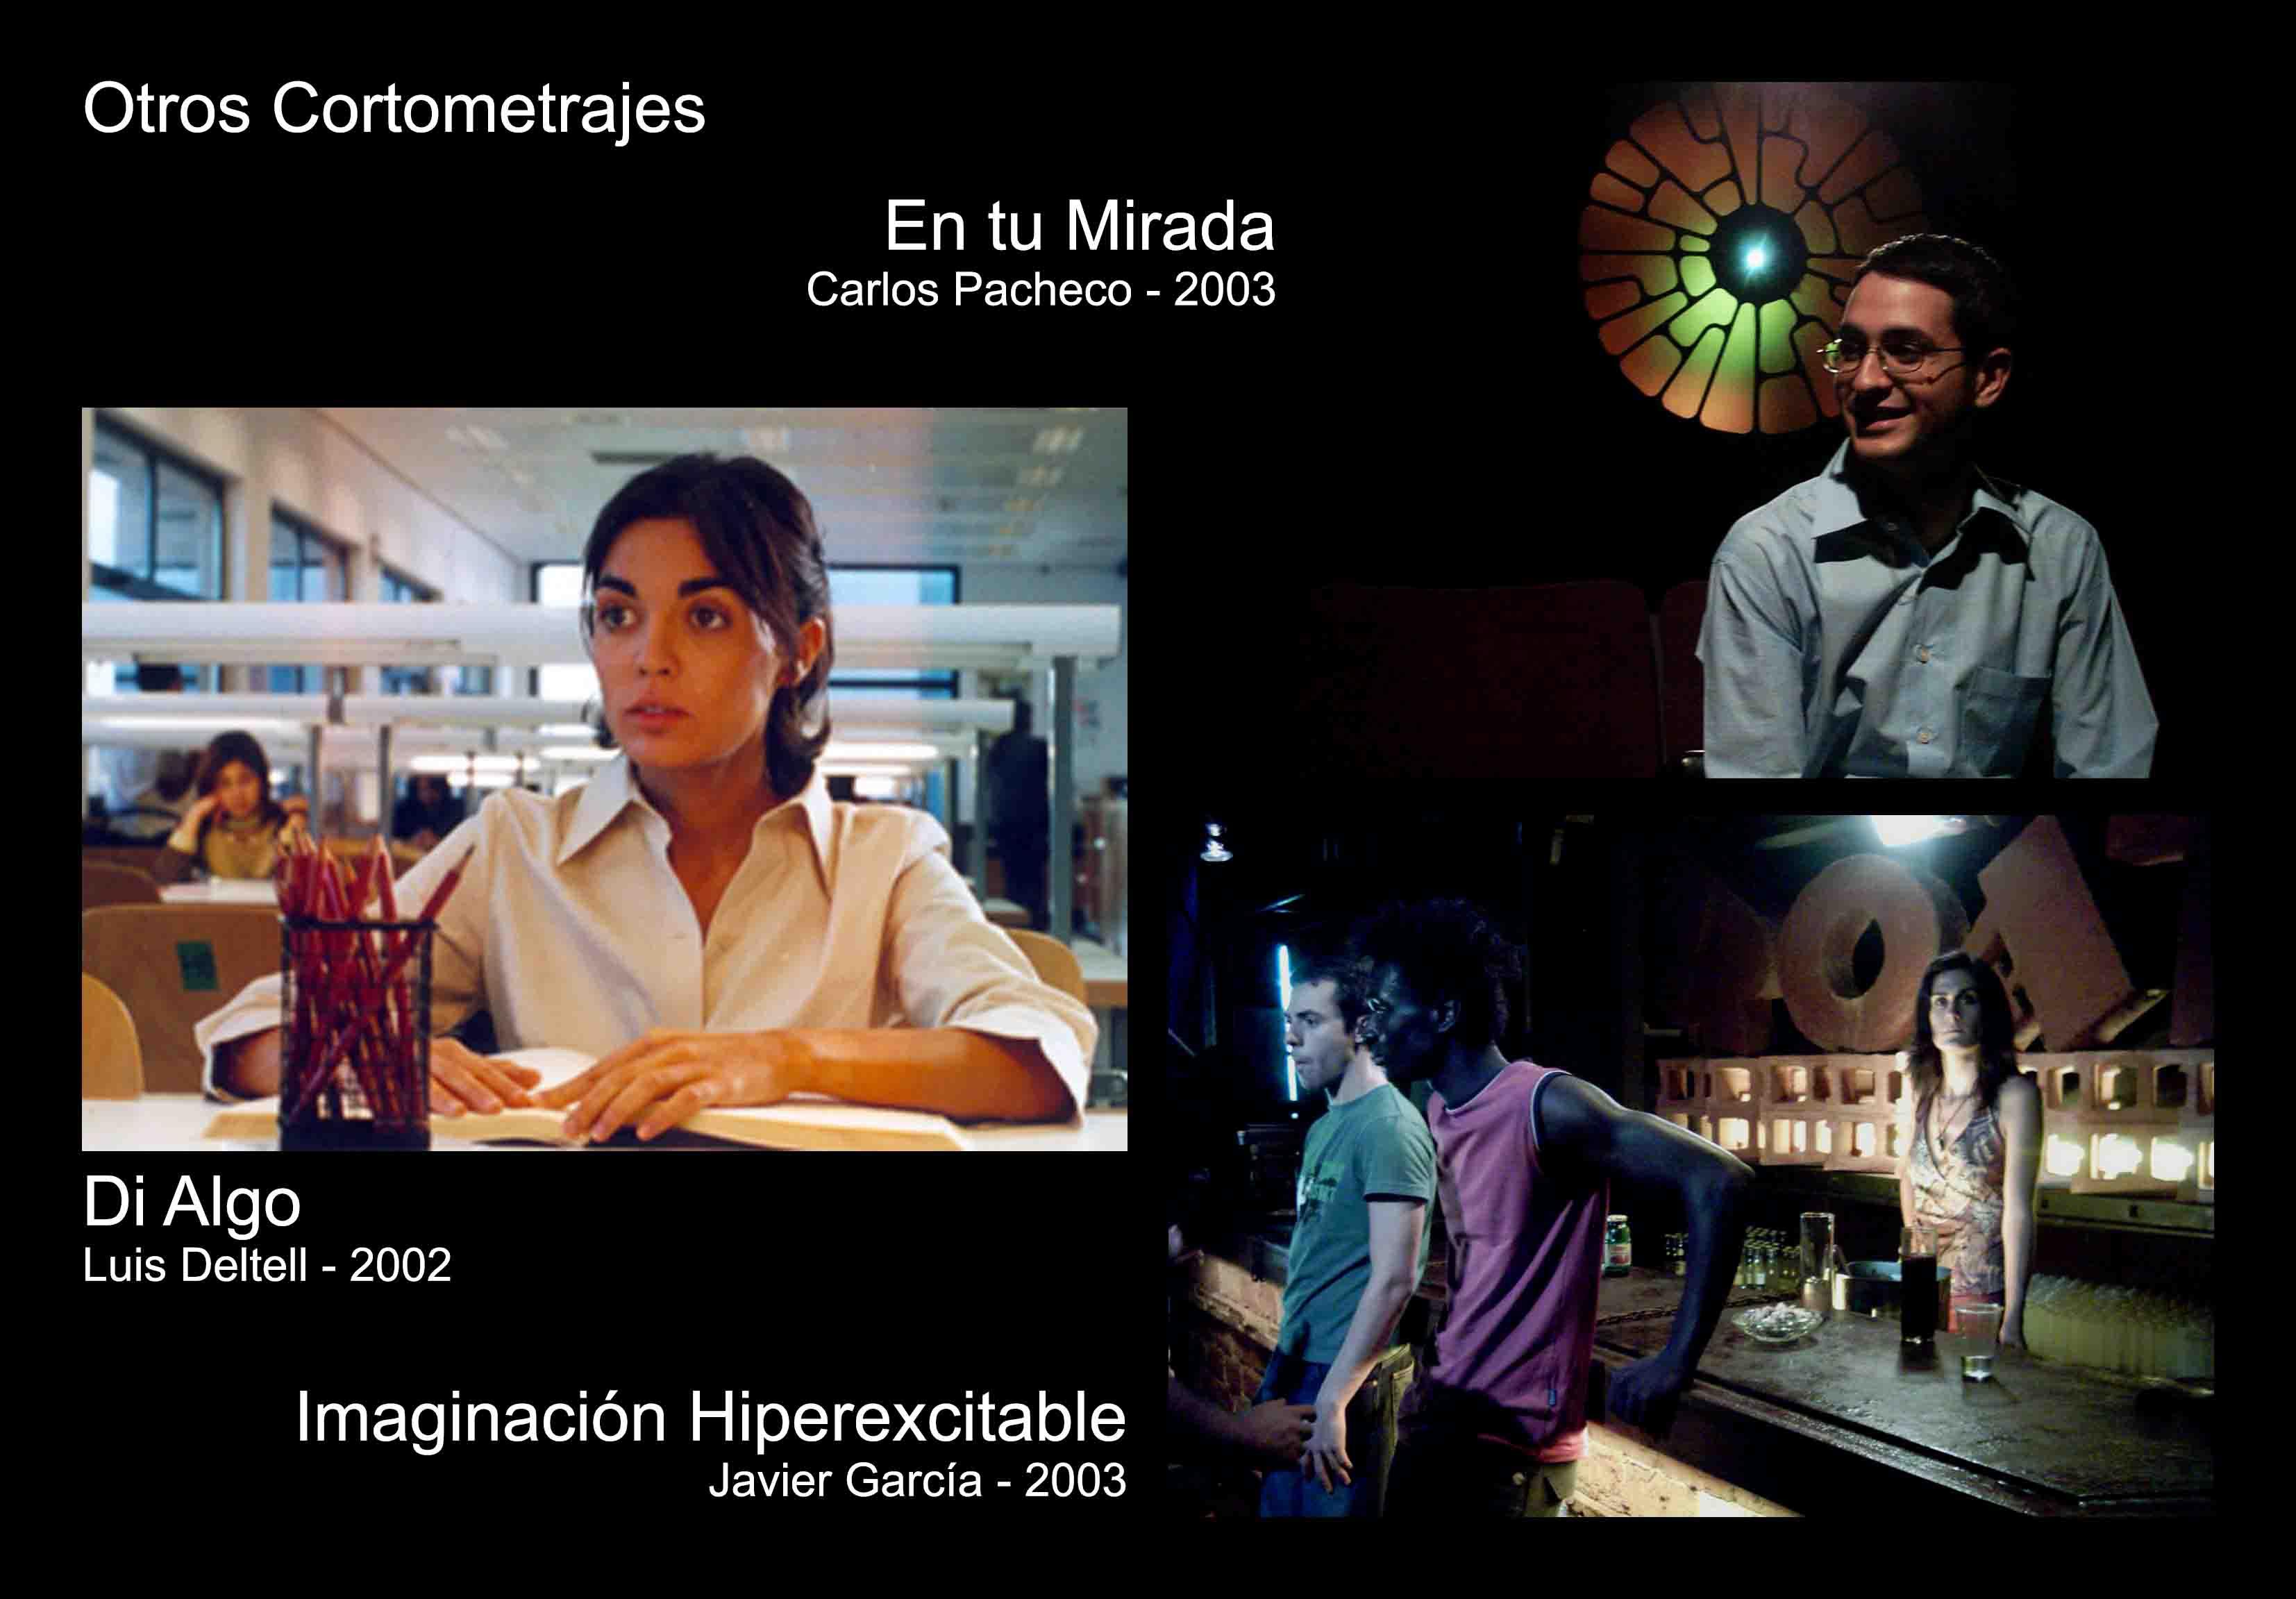 David Temprano c2002-2003 Di Algo, En tu Mirada, Imaginacion Hiperexcitable 1